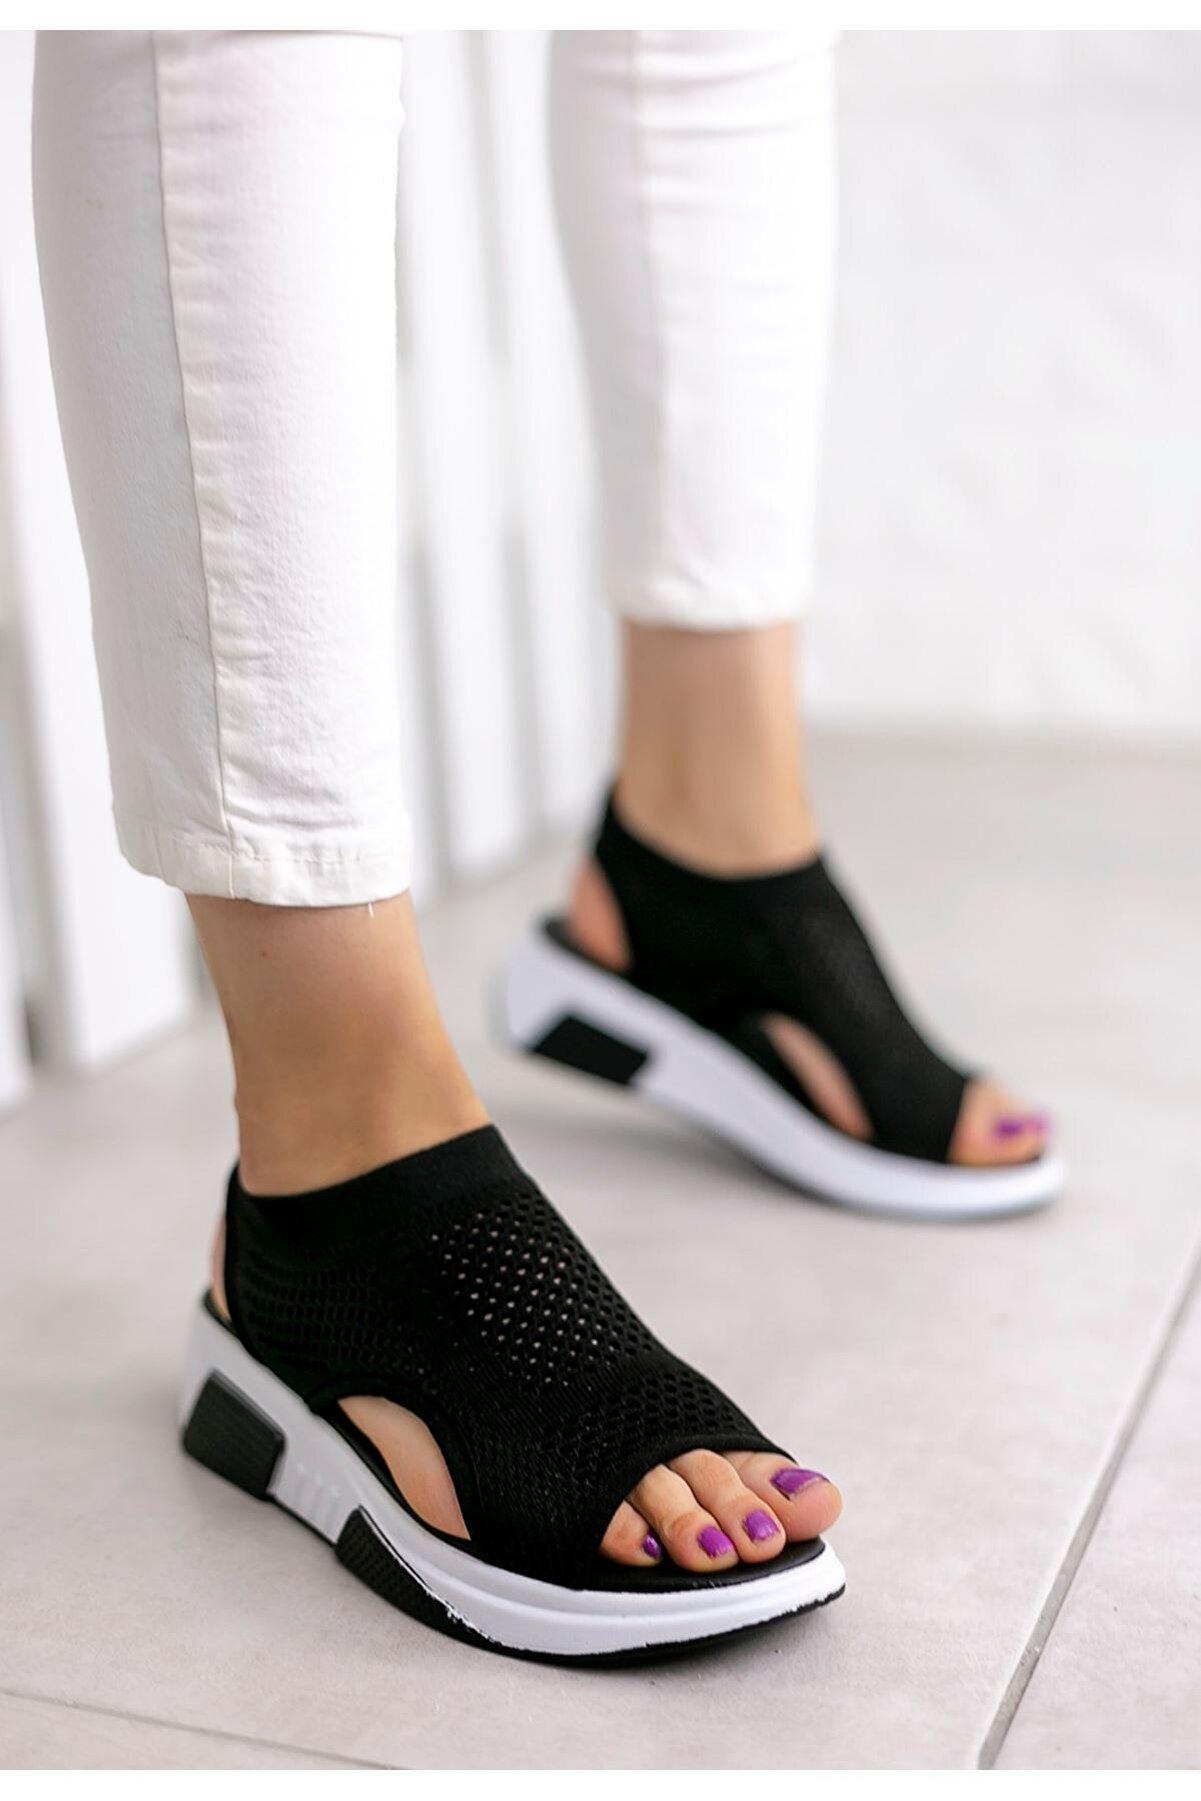 otuzbesshoes Kadın Siyah Ashley Çelik Örgü Triko Sandalet